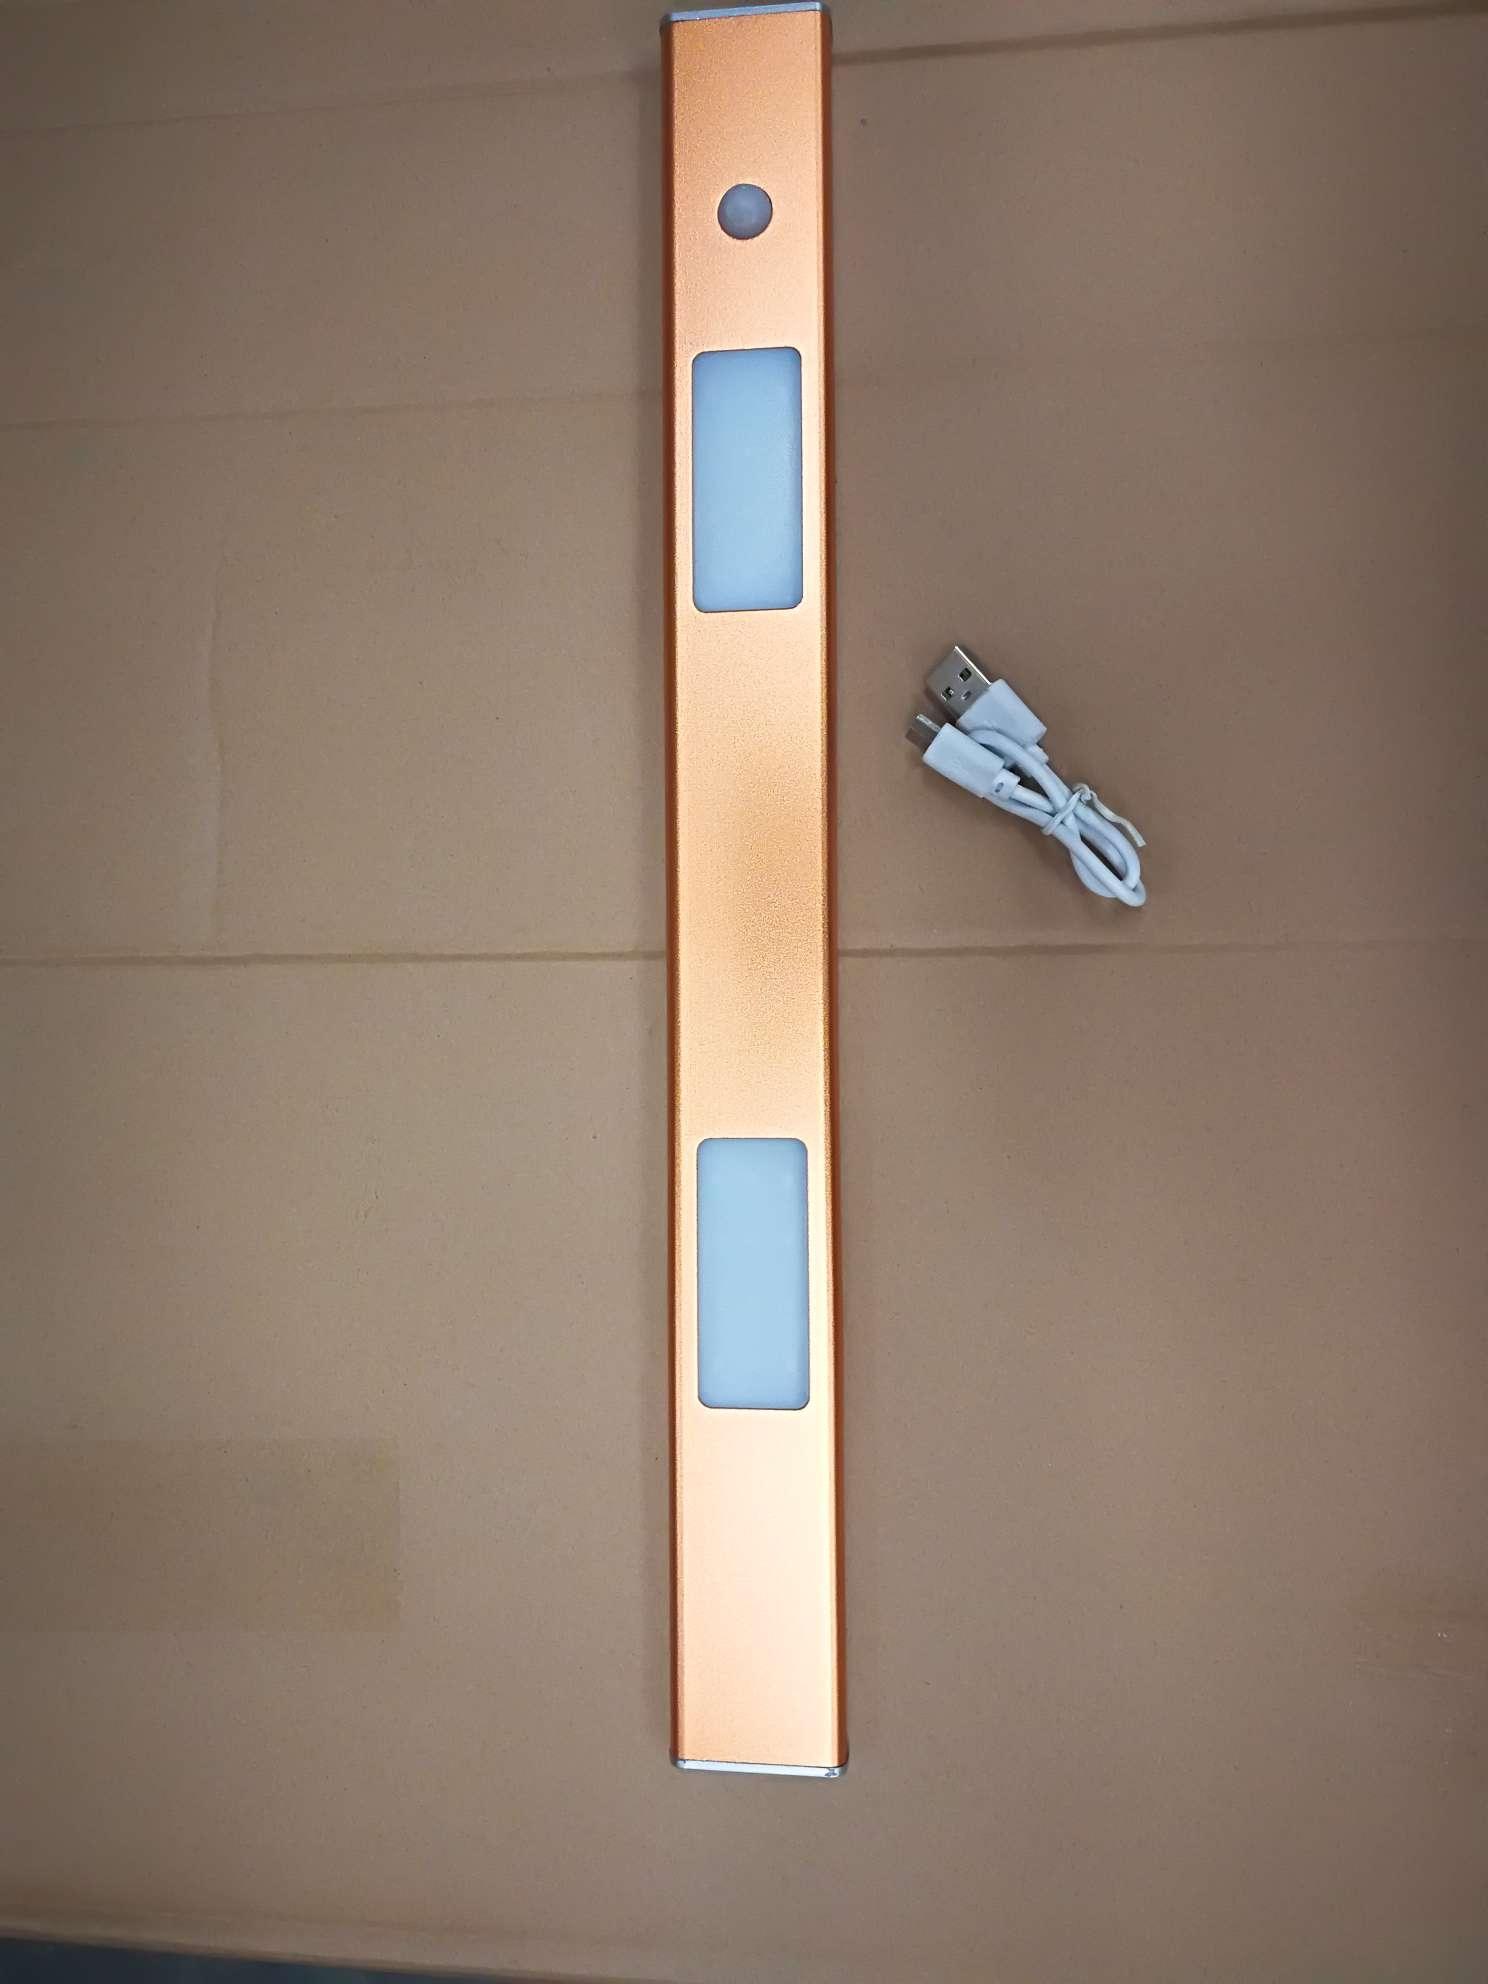 衣柜长形感应灯